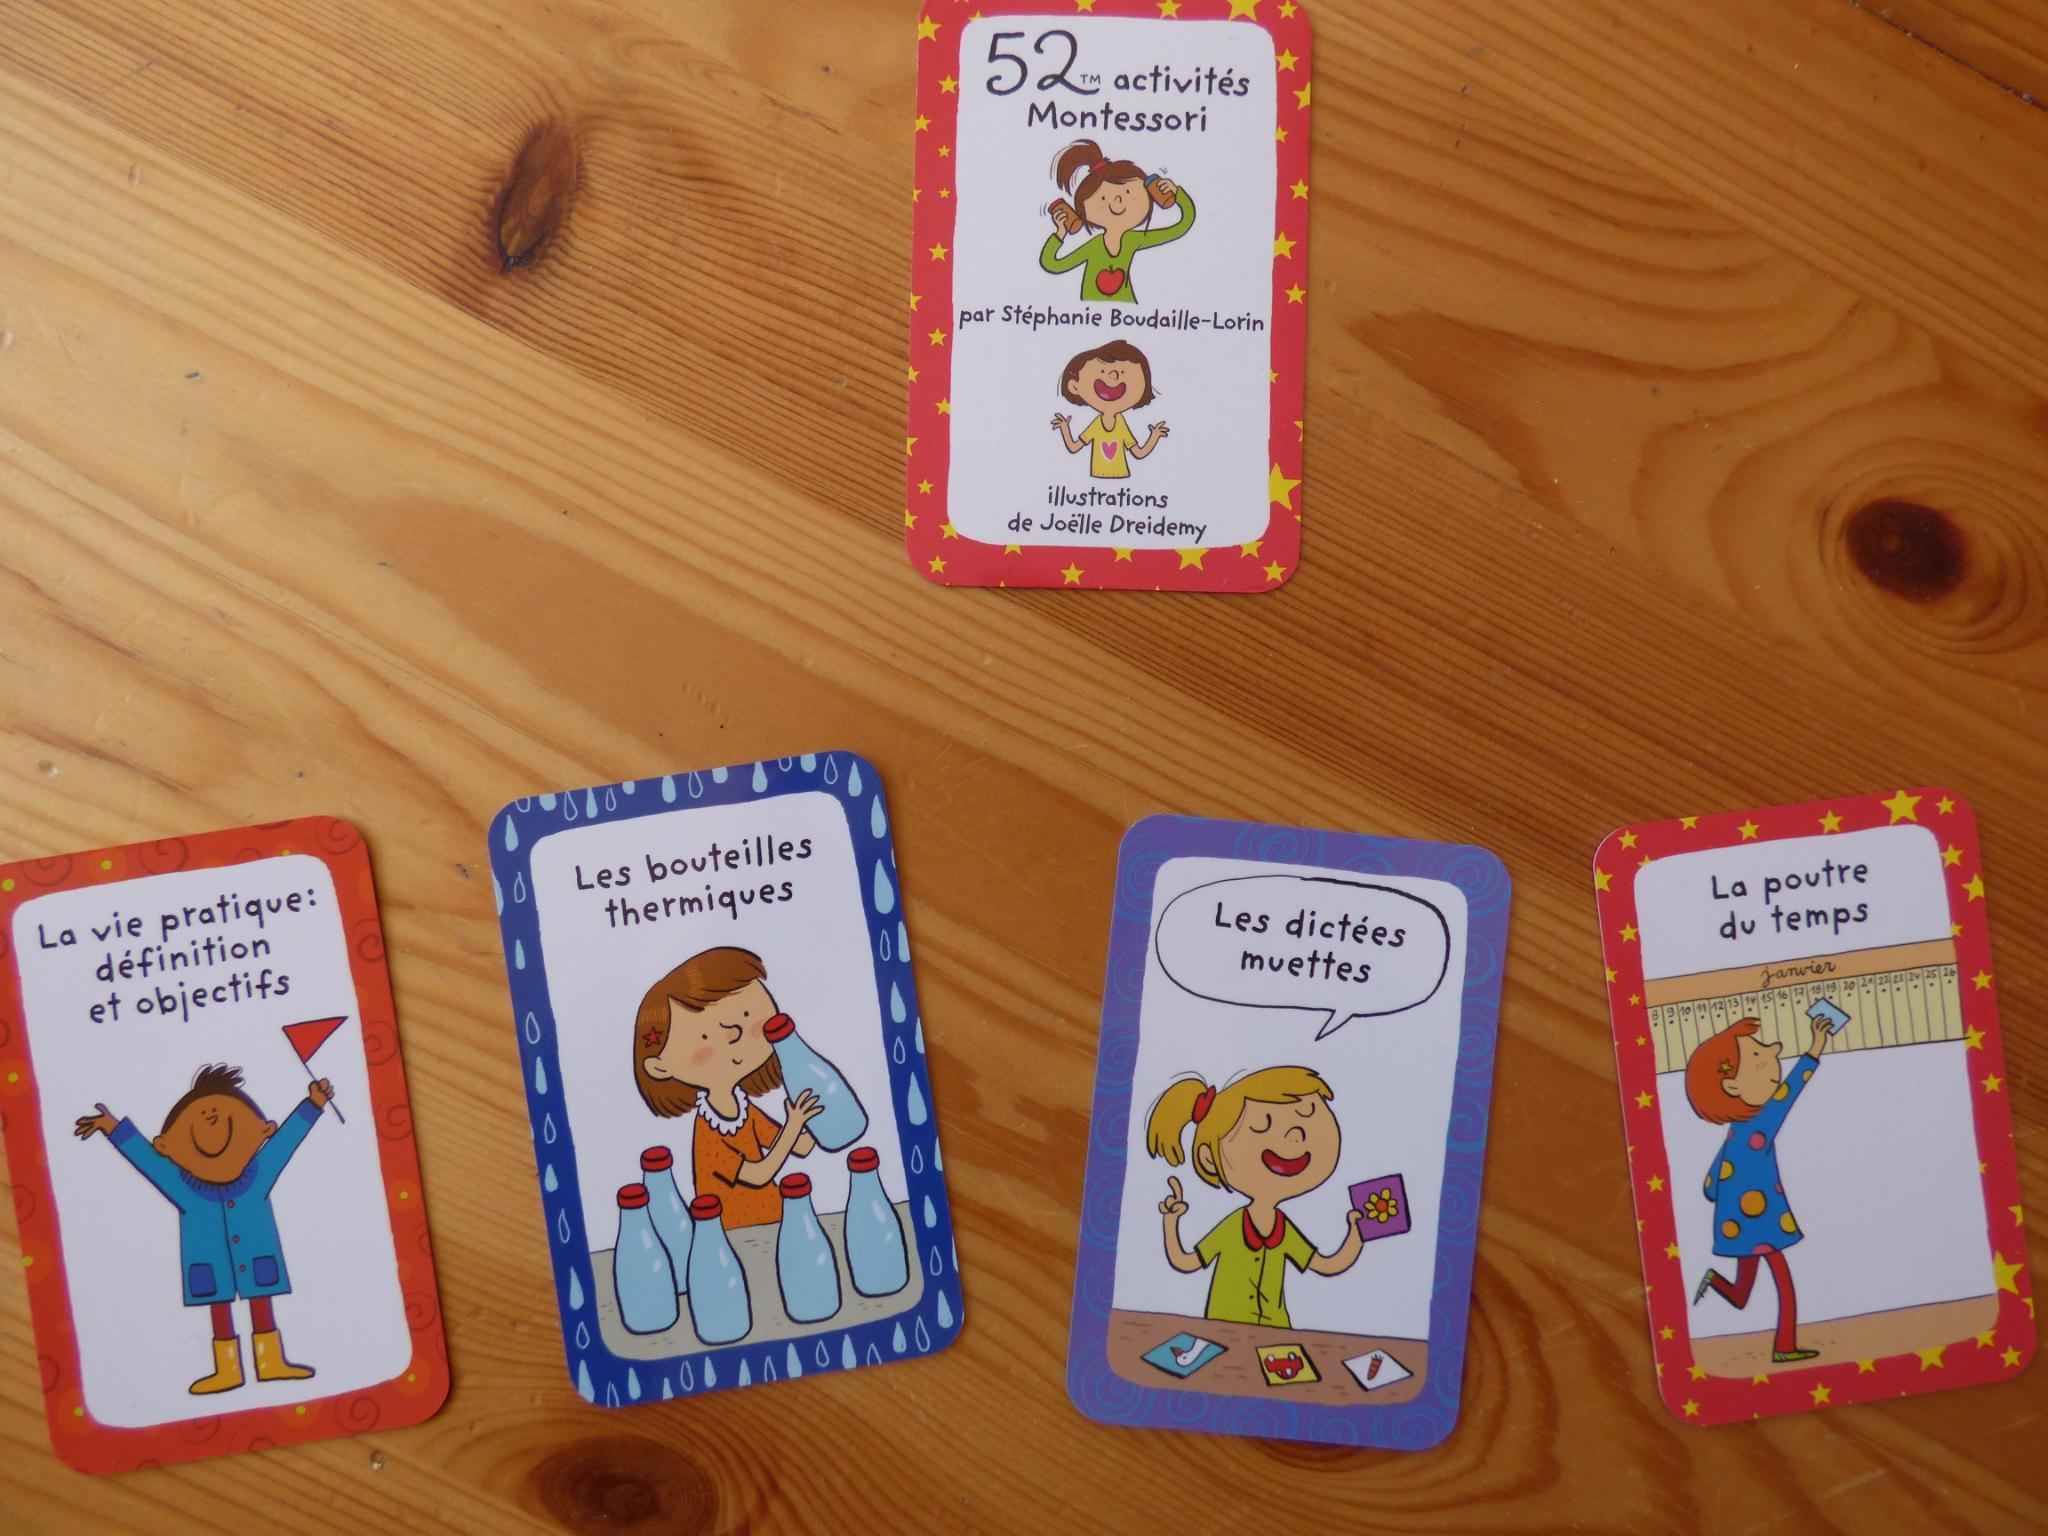 52 Activités Montessori : Mon Dernier Ouvrage - Ressources avec Activité Montessori 3 Ans